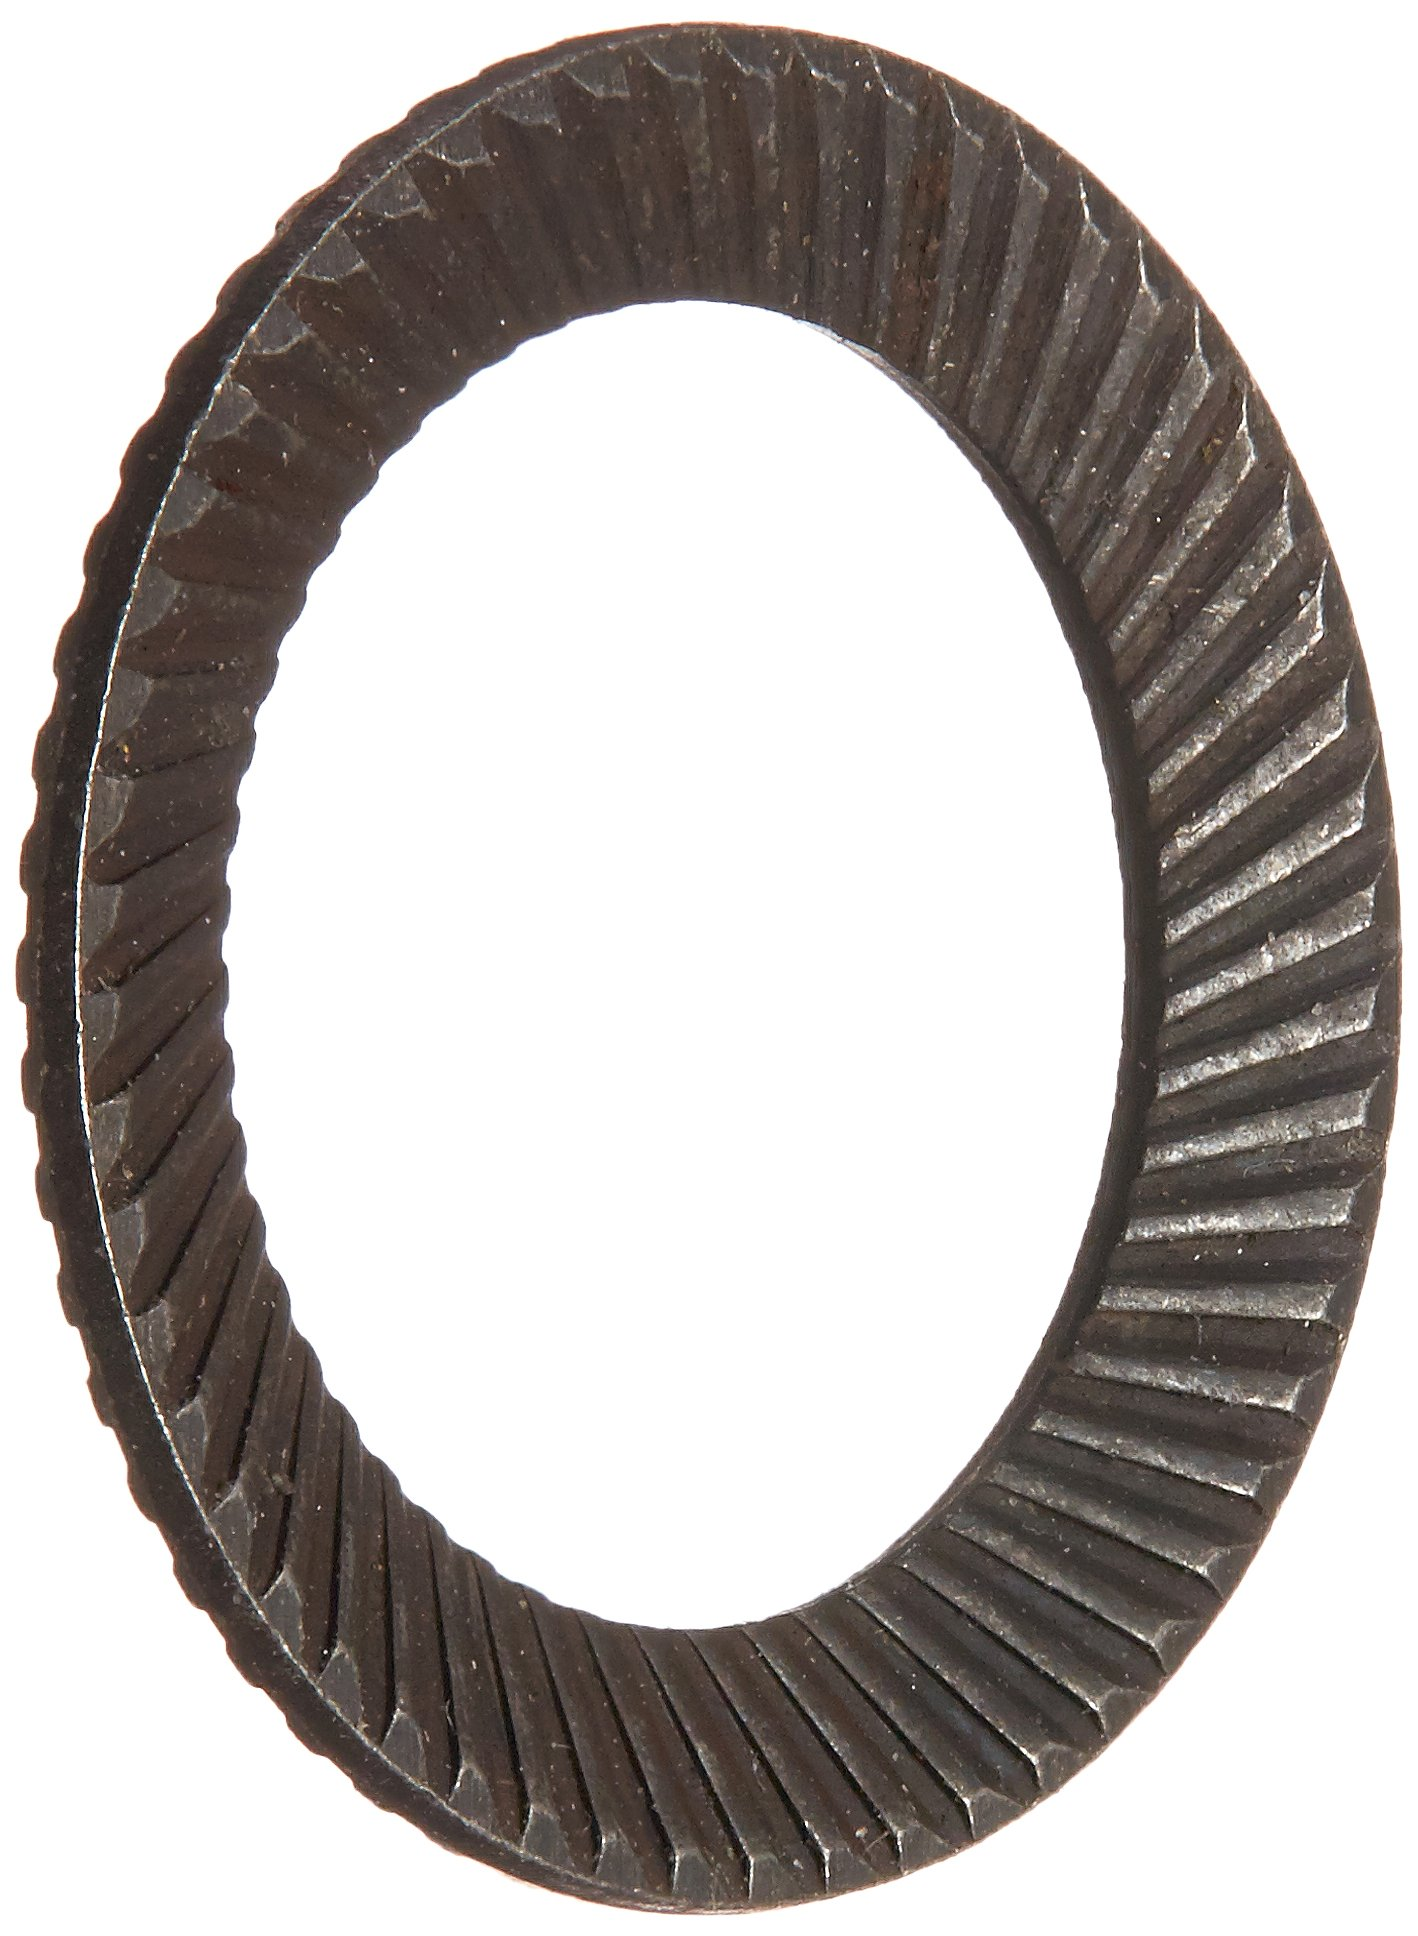 Hard-to-Find Fastener 014973283803 Safety Lock Washers, 14mm, Piece-8